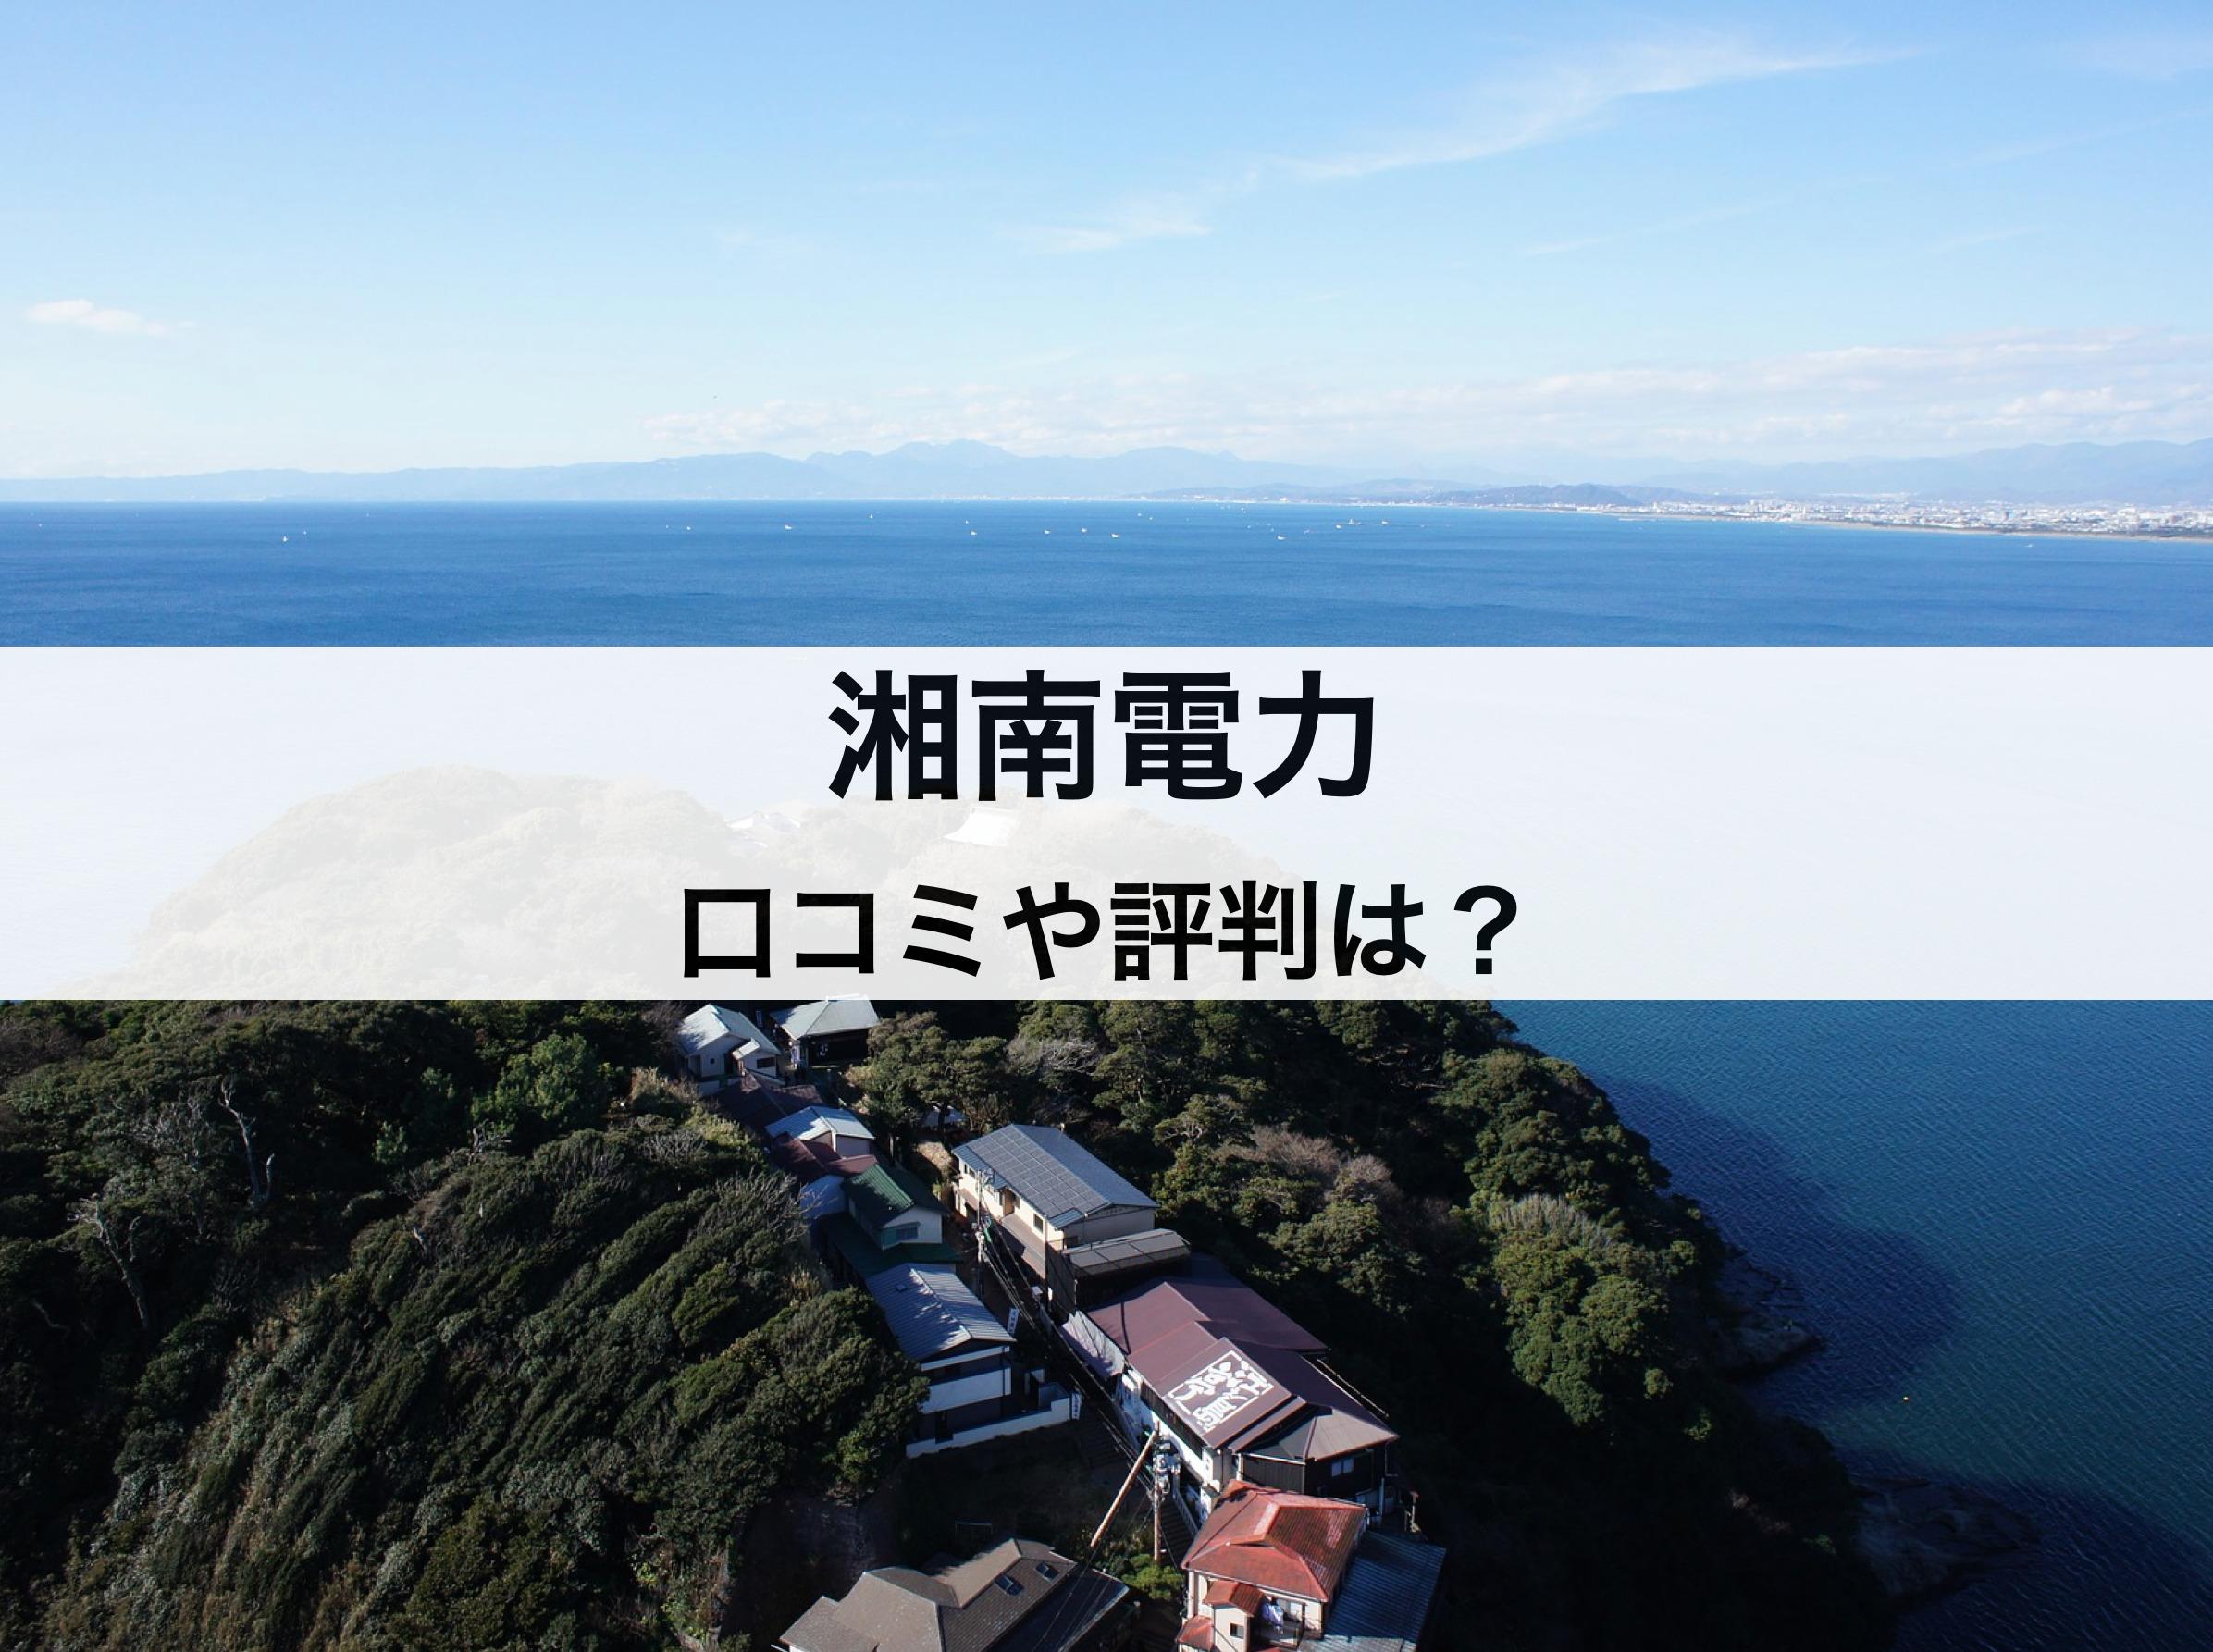 湘南電力の口コミや評判 料金プラン、メリット・デメリットなど徹底解説!